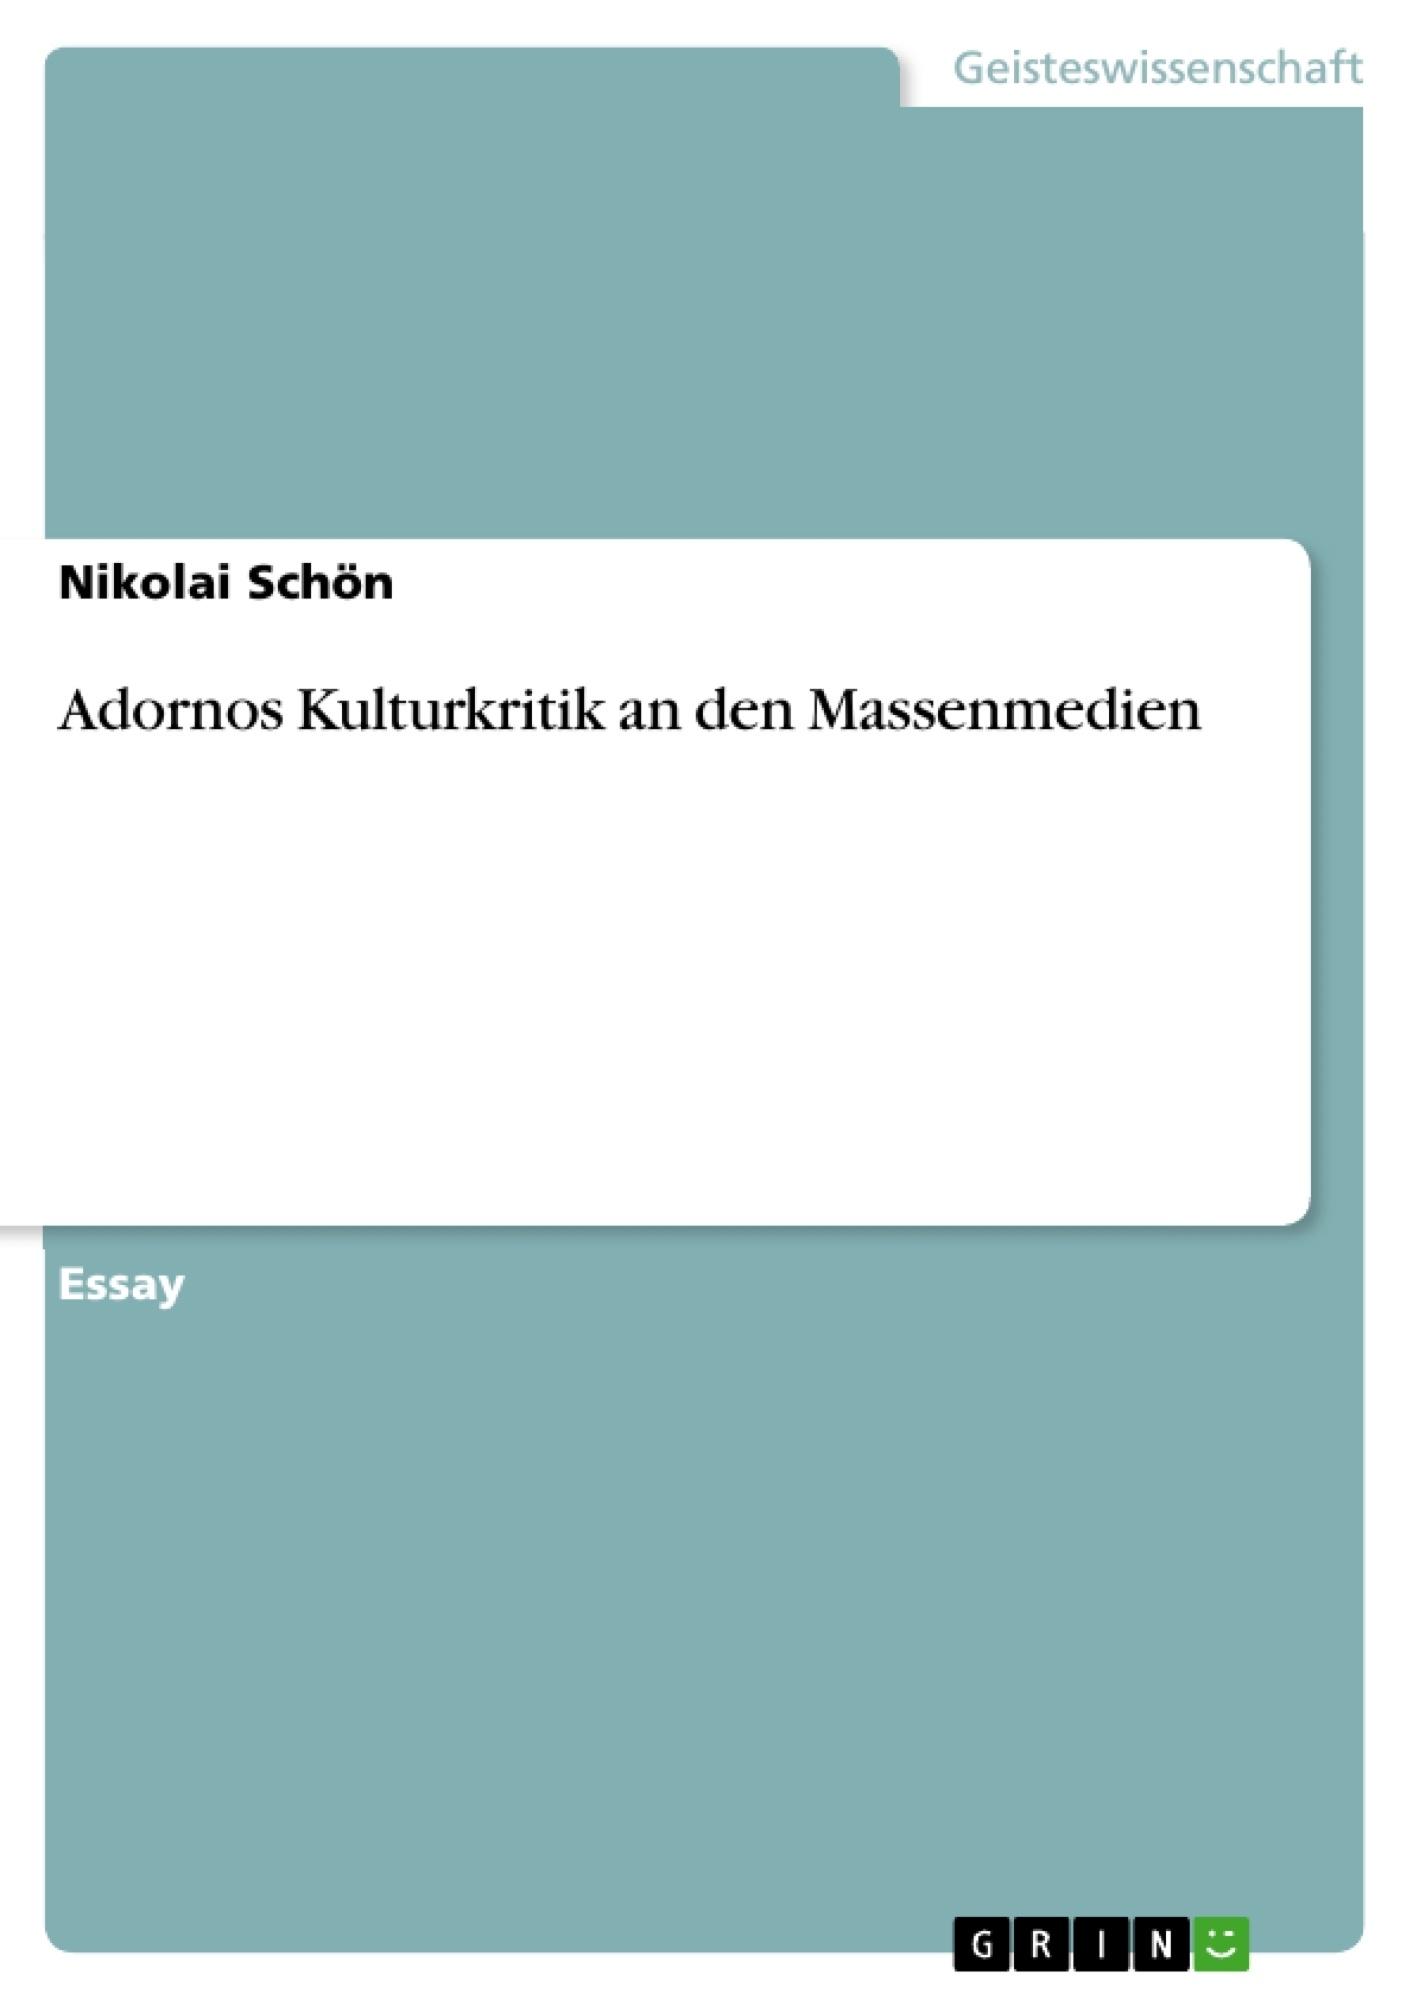 Titel: Adornos Kulturkritik an den Massenmedien